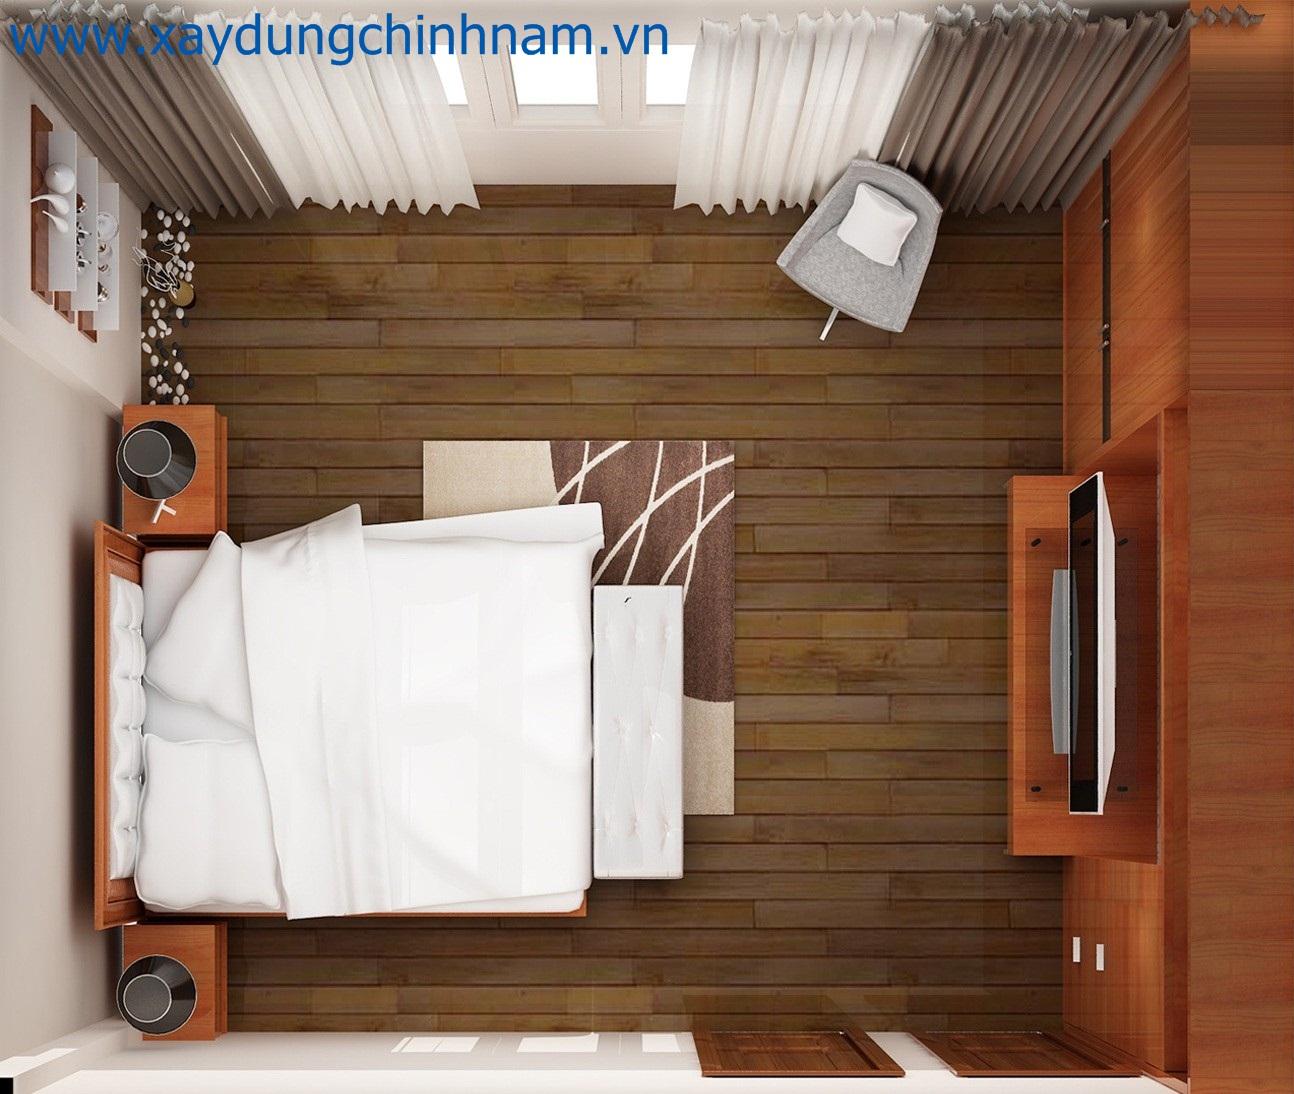 Nội thất phòng ngủ một số nhà tại Biên Hoà Đồng Nai